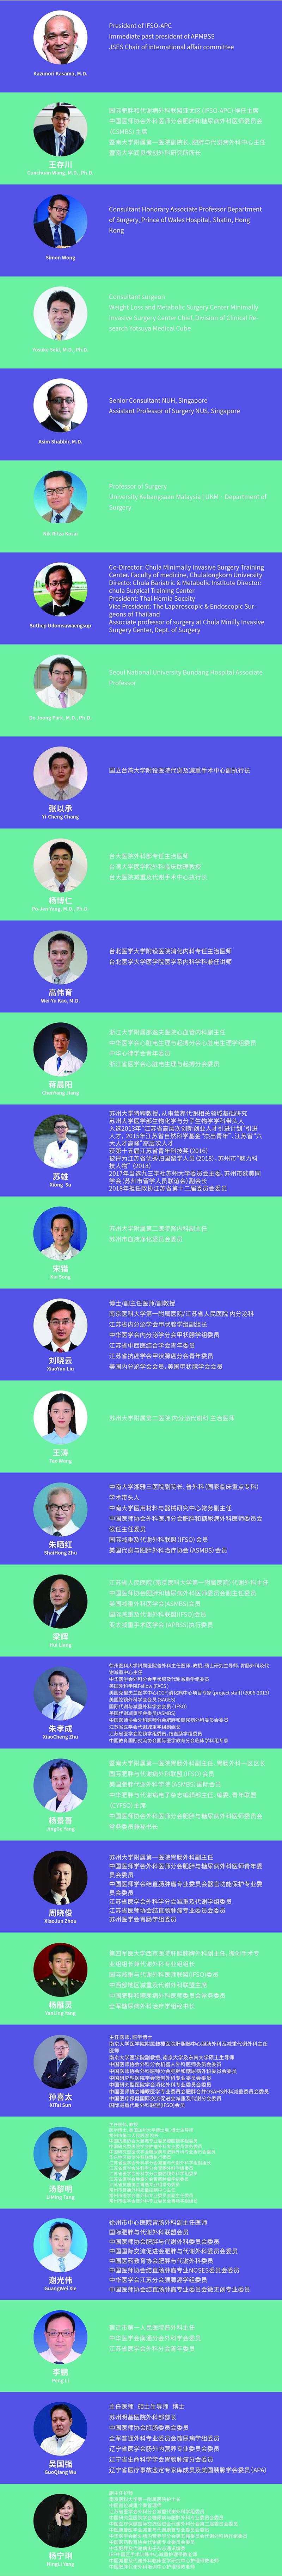 第十一届亚太糖尿病外科高峰论坛暨 2020 年江苏省减重代谢外科学组年会即将召开